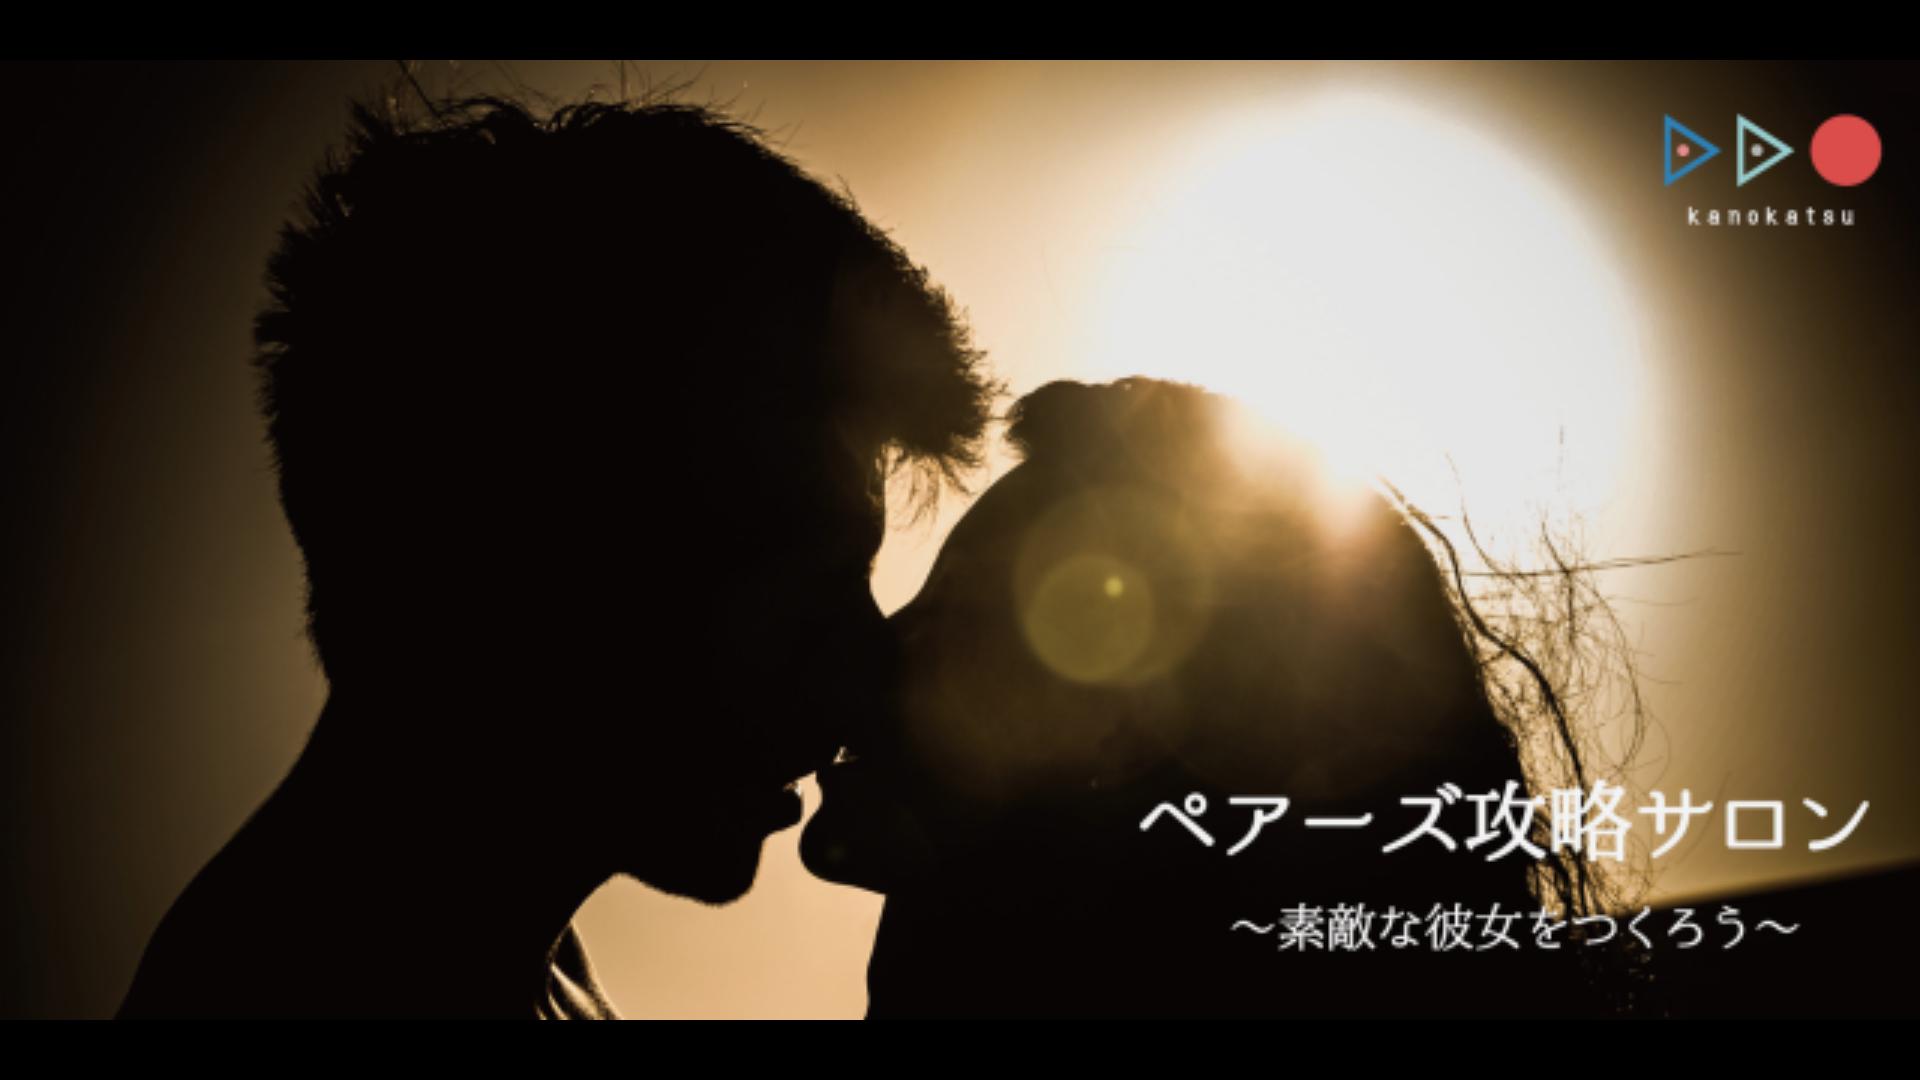 マッチングアプリ攻略サロン/カノカツ〜ペアーズで彼女を作ろう〜By藤原